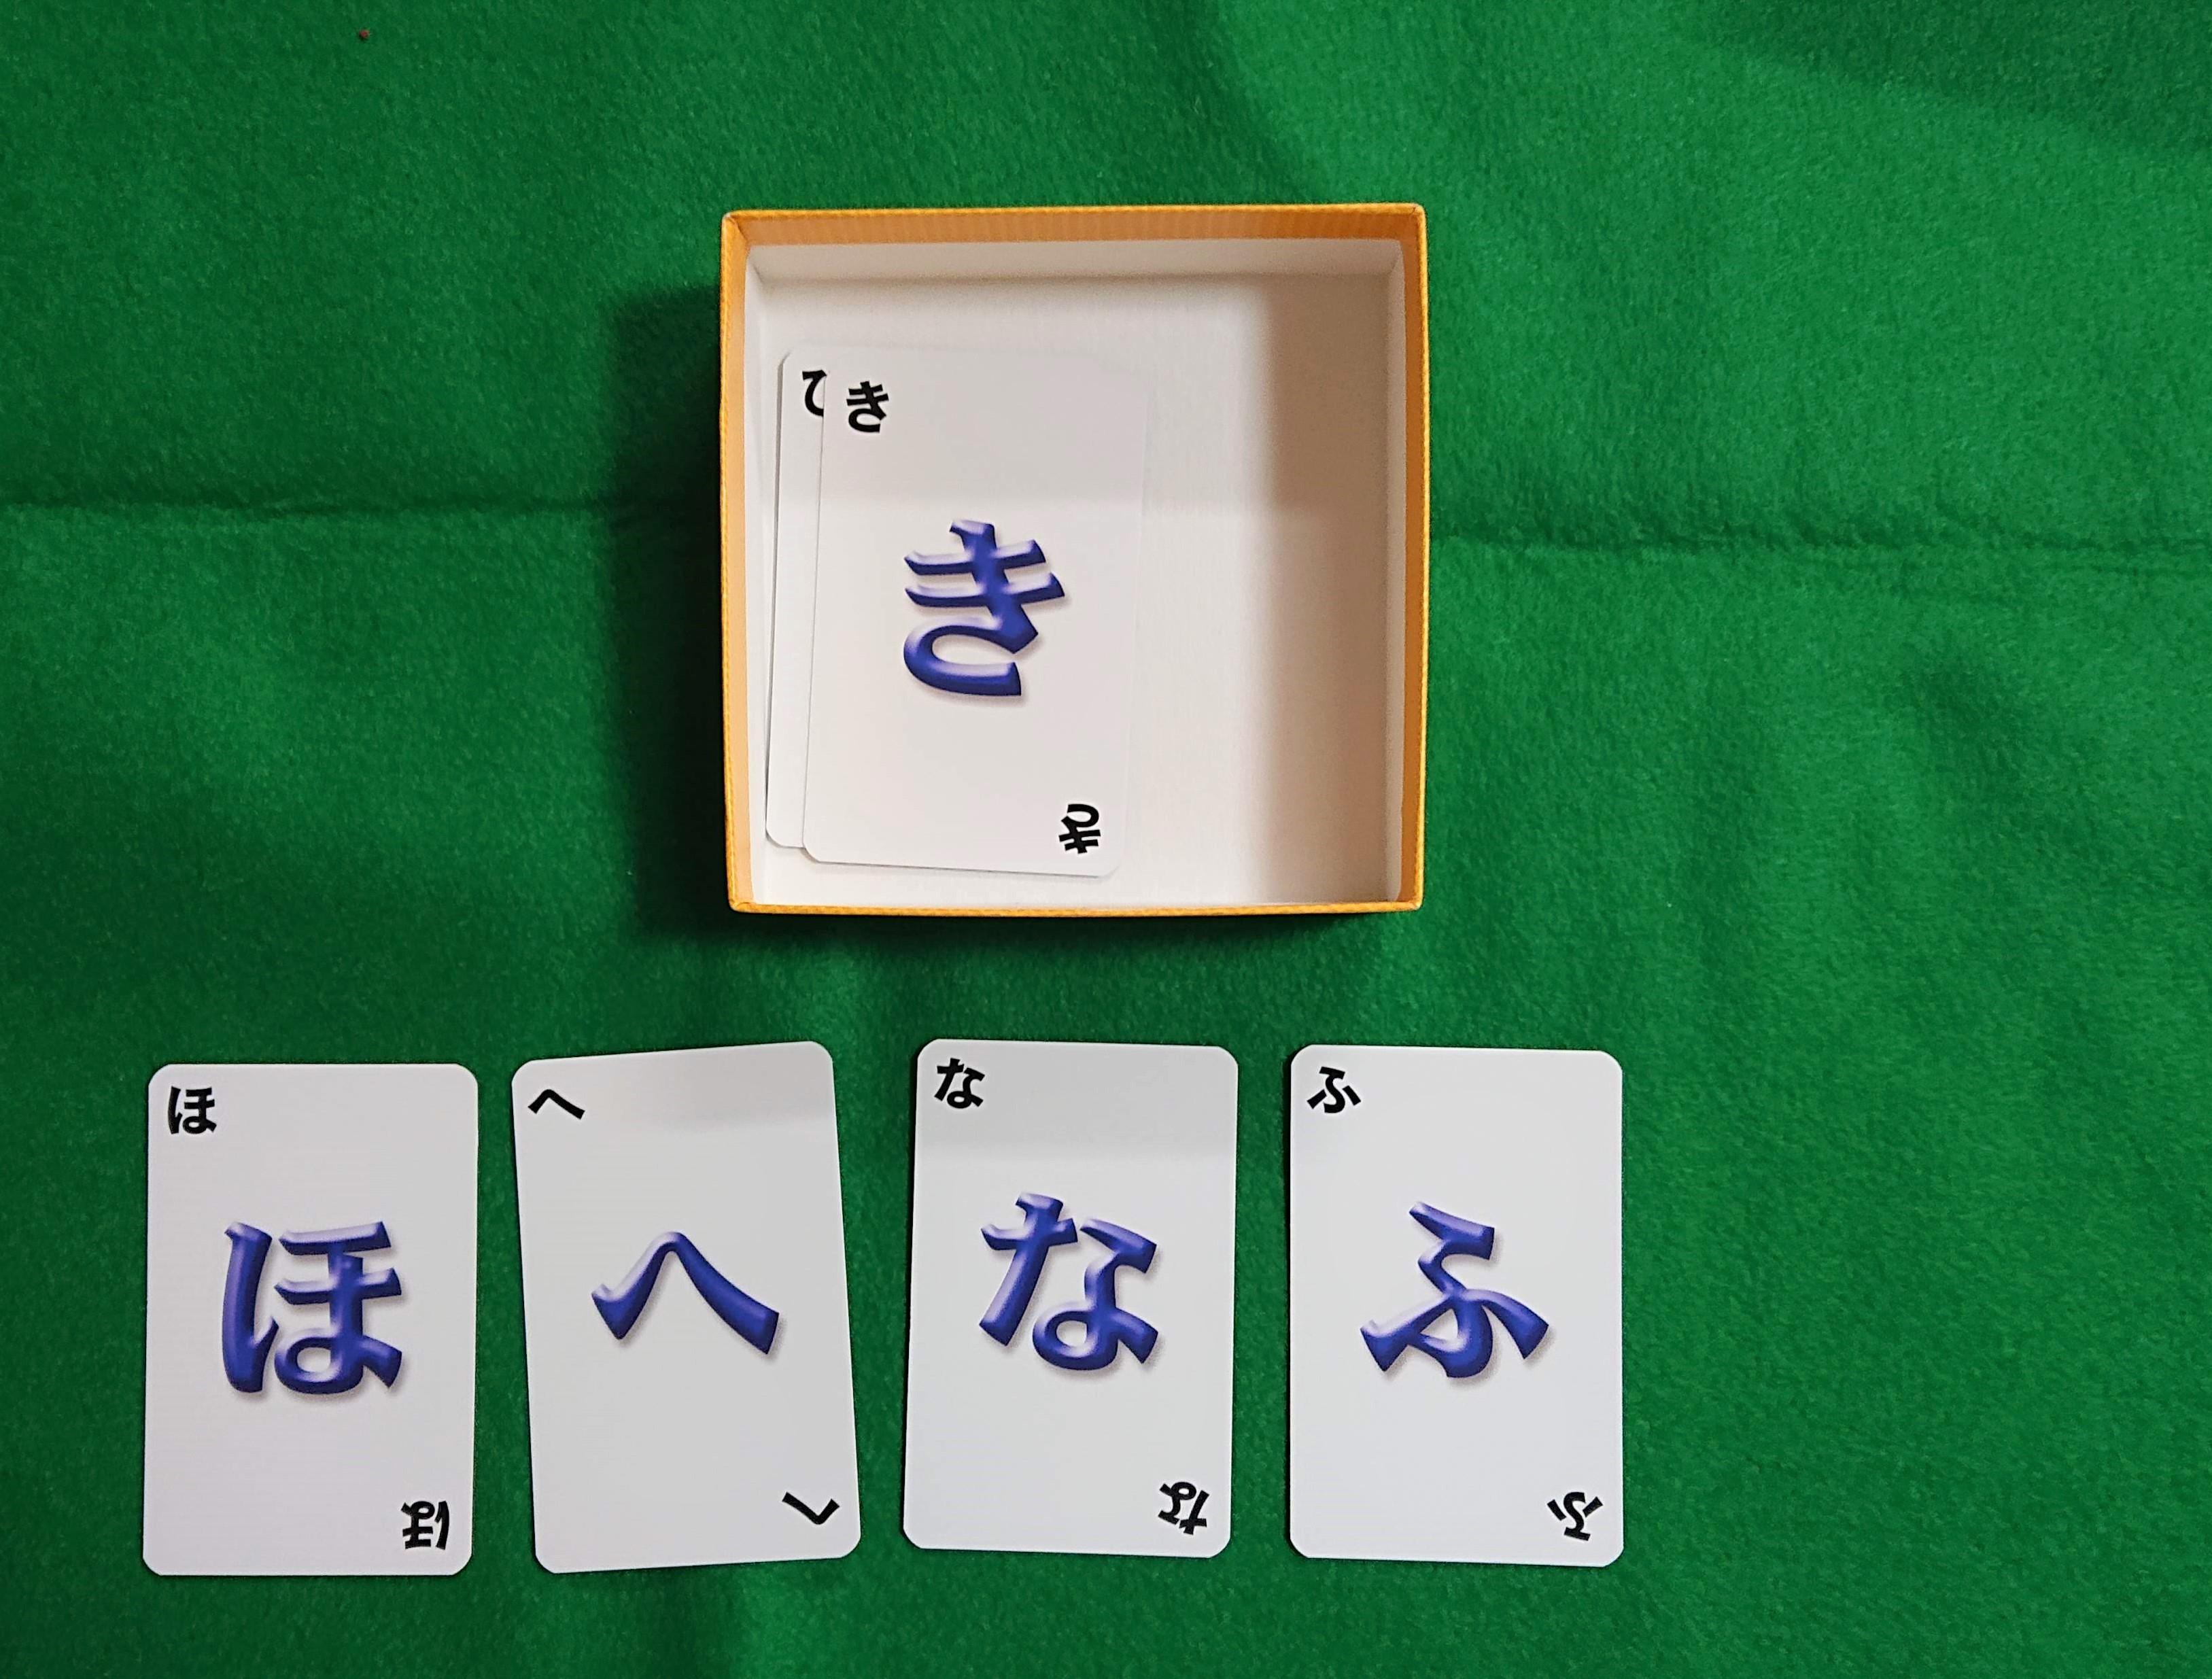 ワードバスケット ボードゲーム 言葉系カードゲーム 大勢で「しりとり」をしよう ルール説明